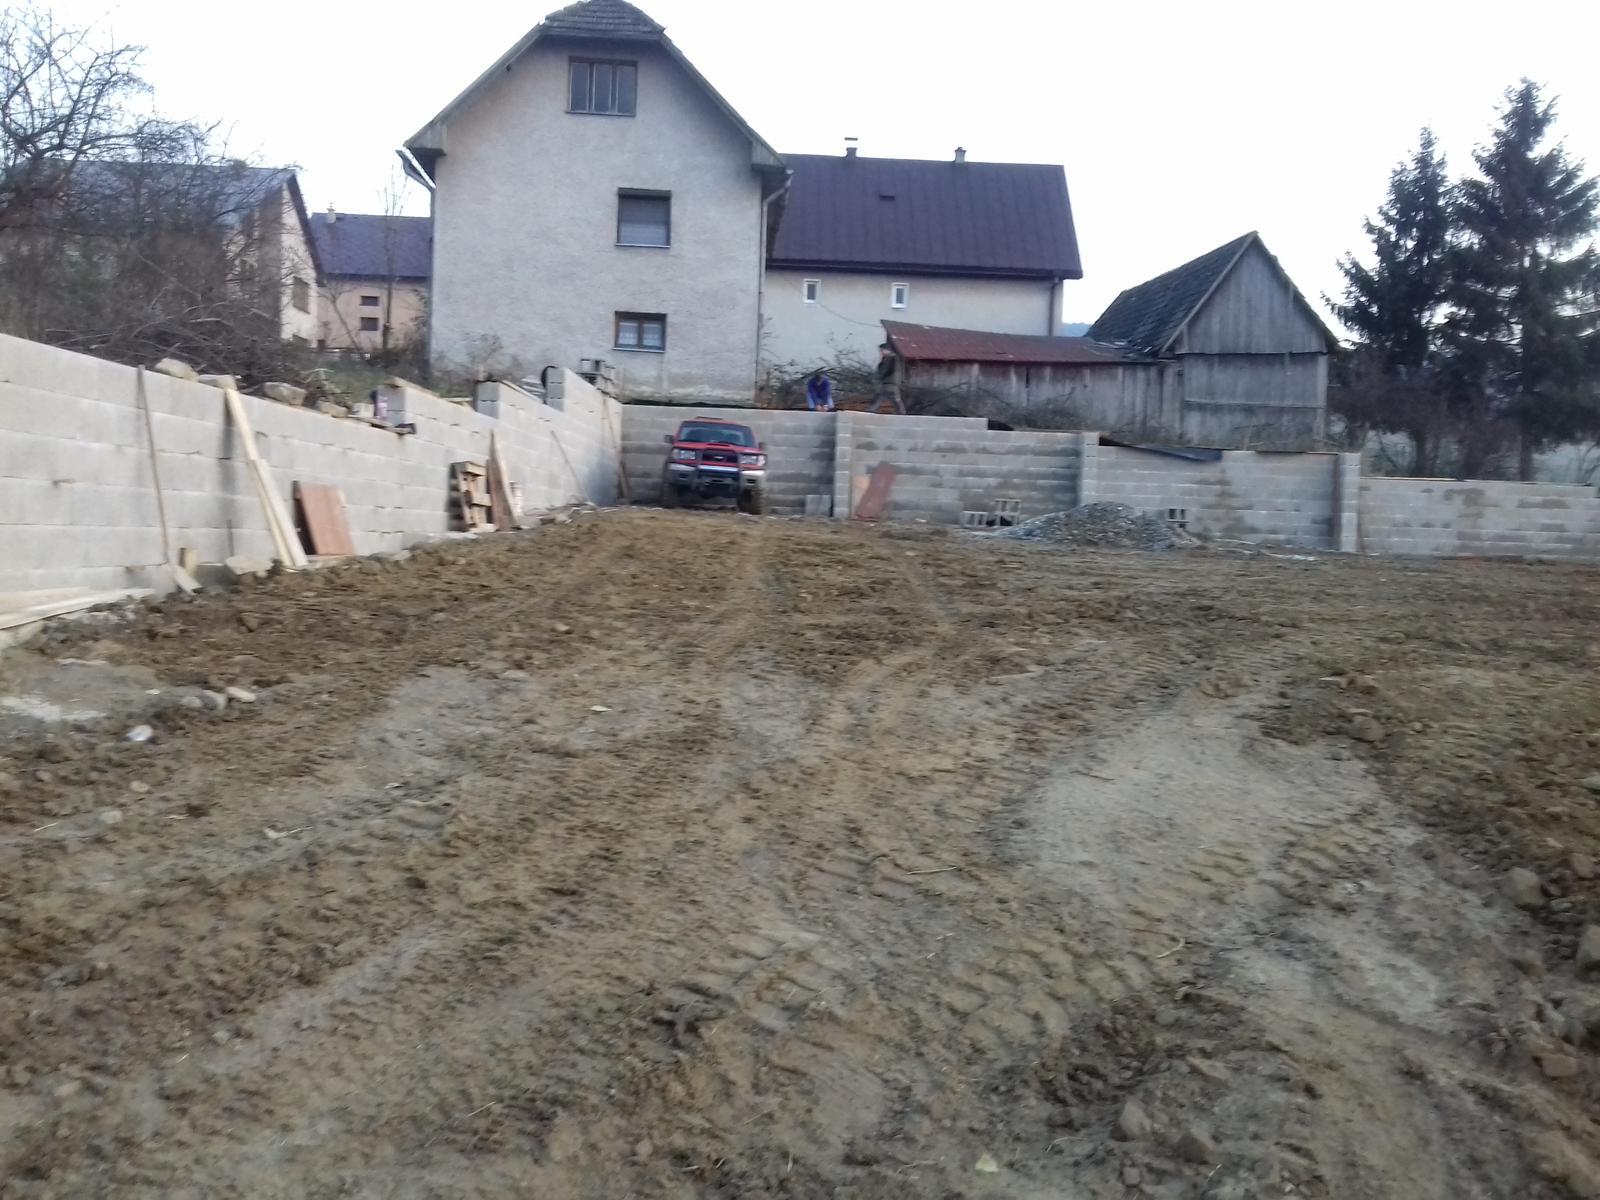 Najprv oporny mur a potom dom... - Dnes ukladáme posledné DT-čka a zajtra príde posledný mix a môžme zazimovať = oporák hotový :-) Na jar začíname stavať náš domček...